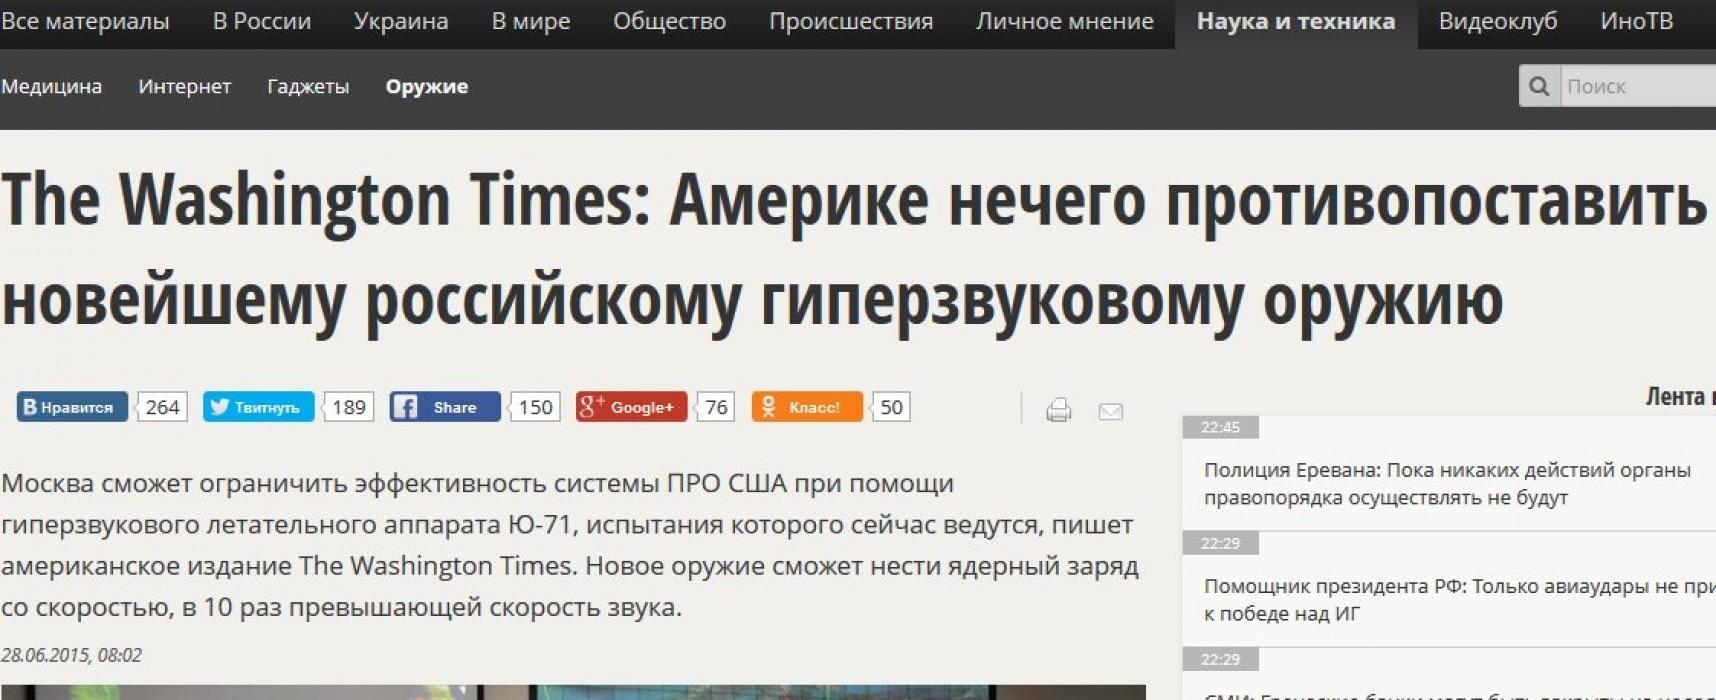 Василий Гатов: DECODING. Попробуем проследить новость RT